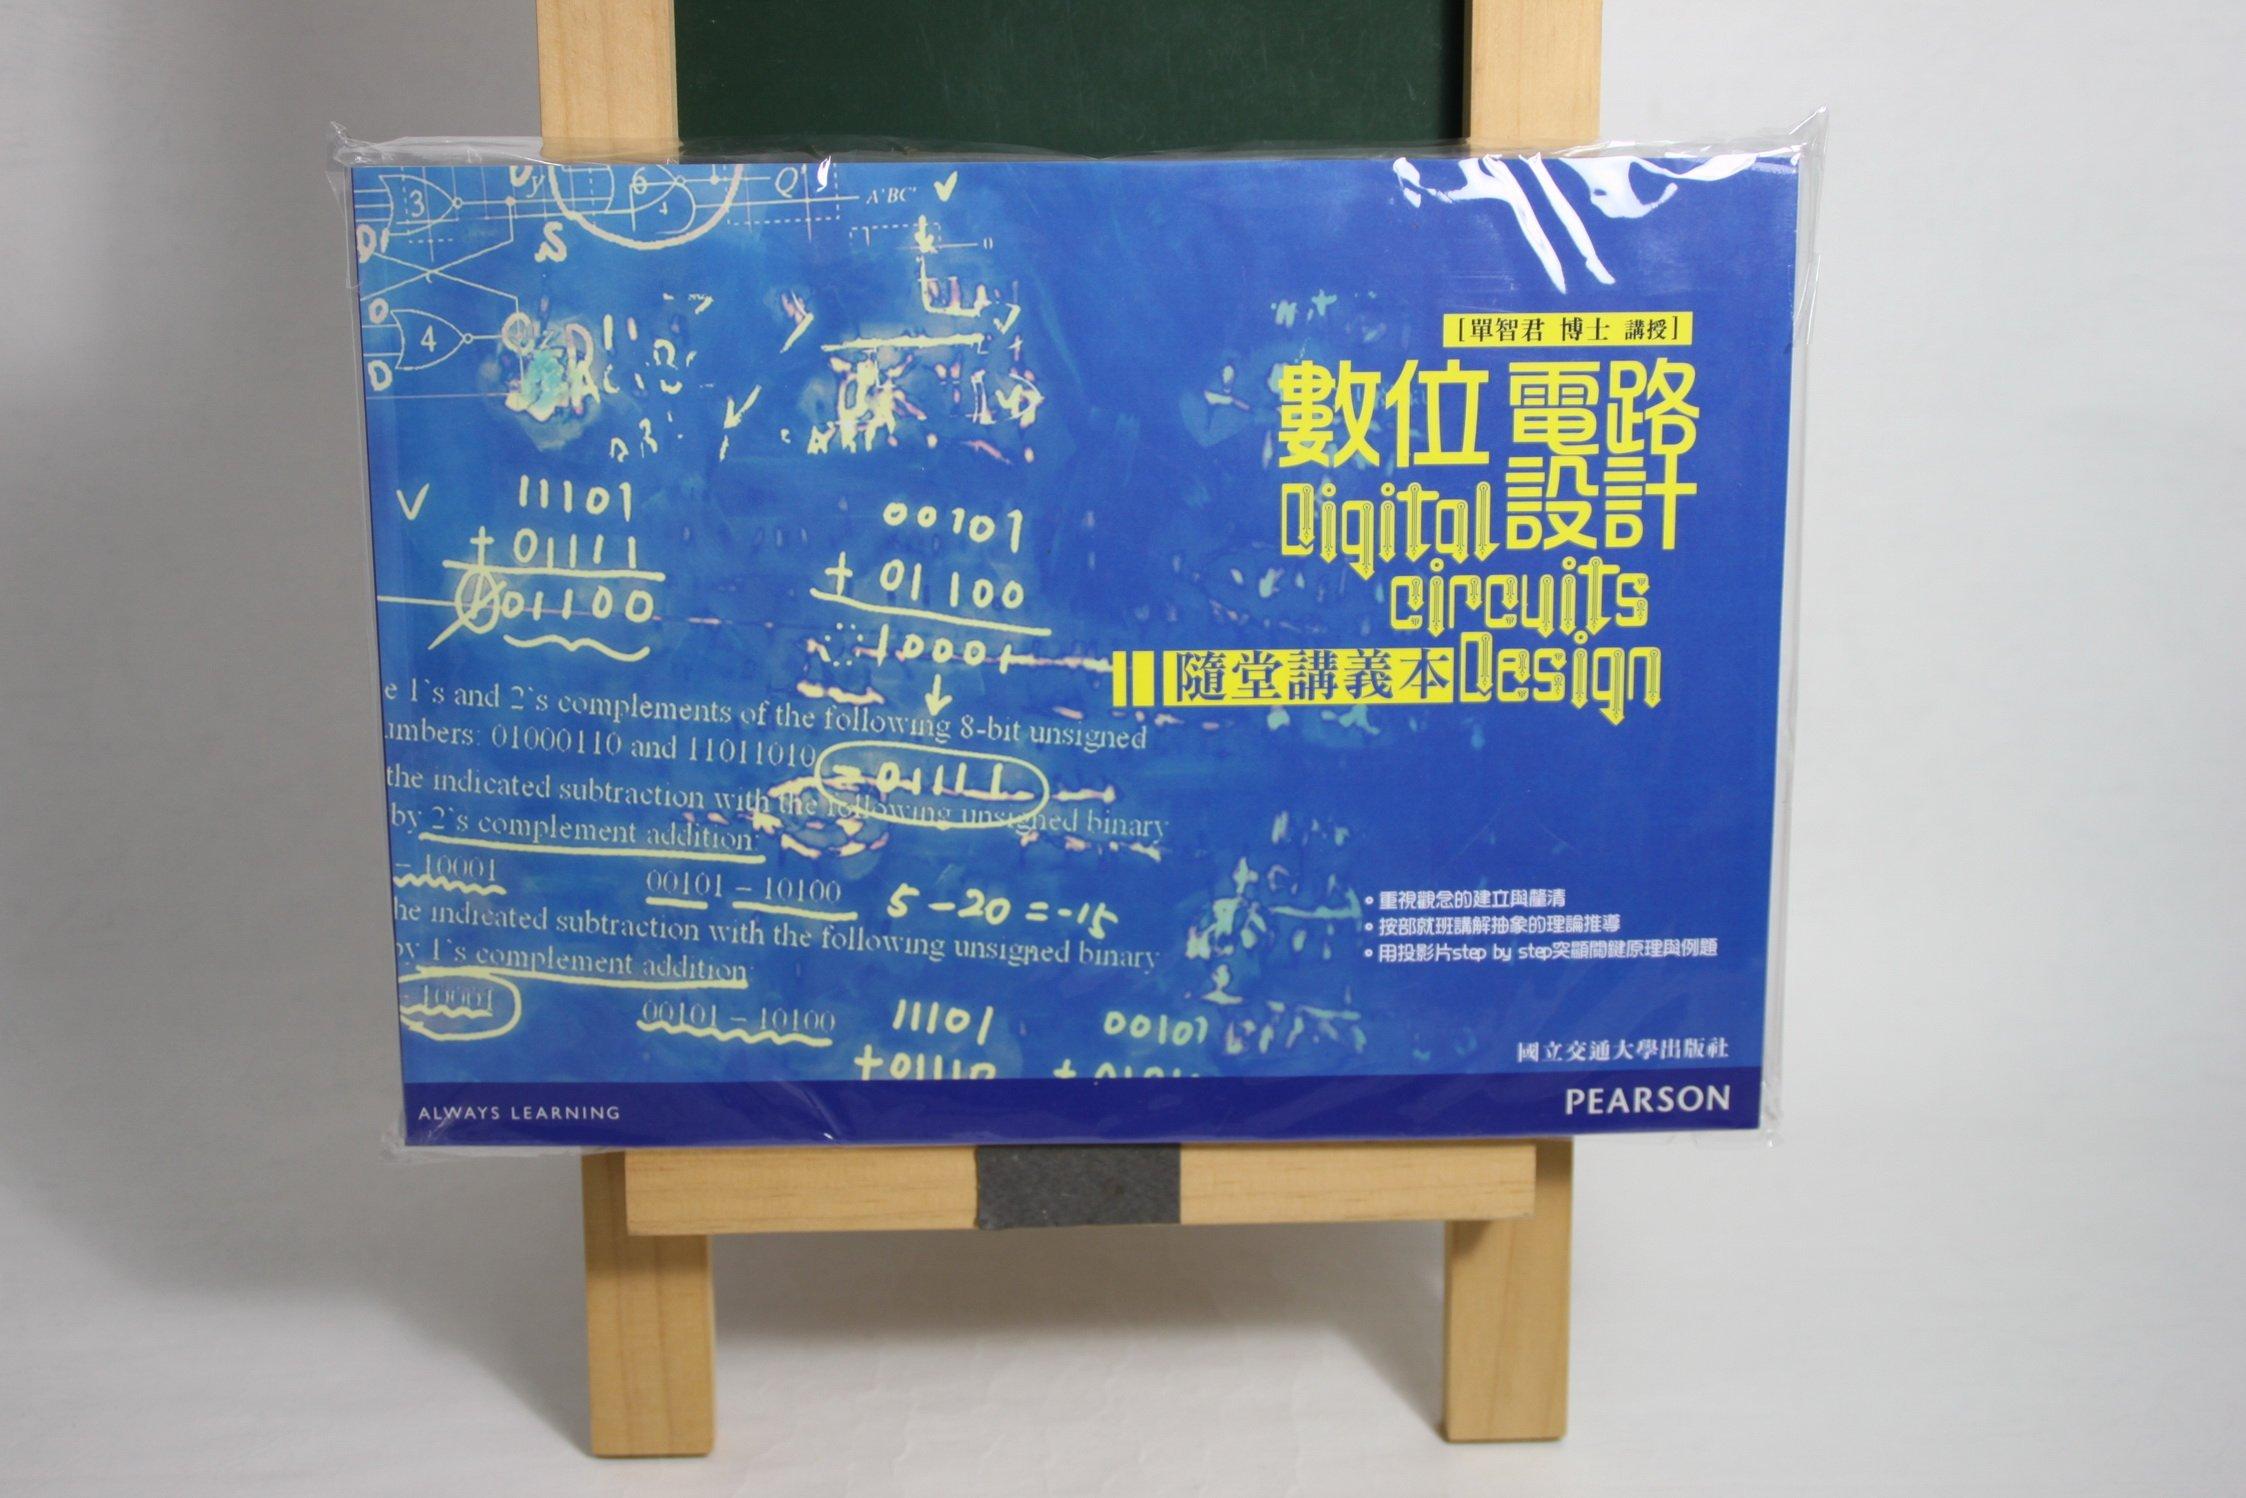 電路 電子書7DVD 1本講義 (有膠膜) 單智君 國立交通大學4680470600507